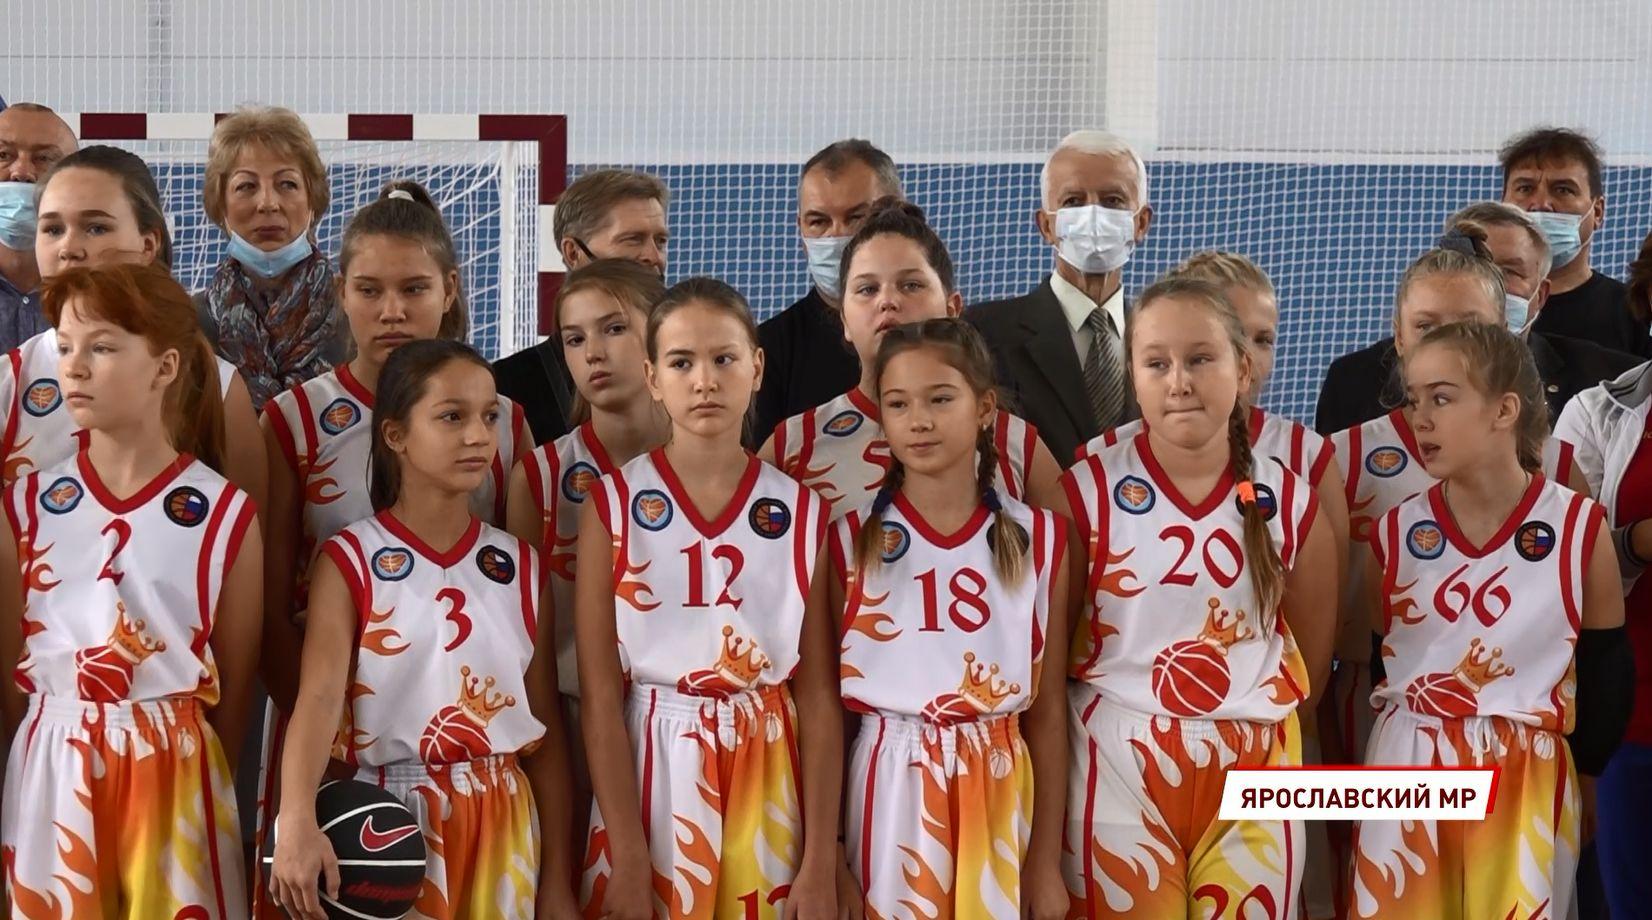 ФОК в Красных Ткачах Ярославской области открыл свои двери в рамках международного форума «Россия – спортивная держава»